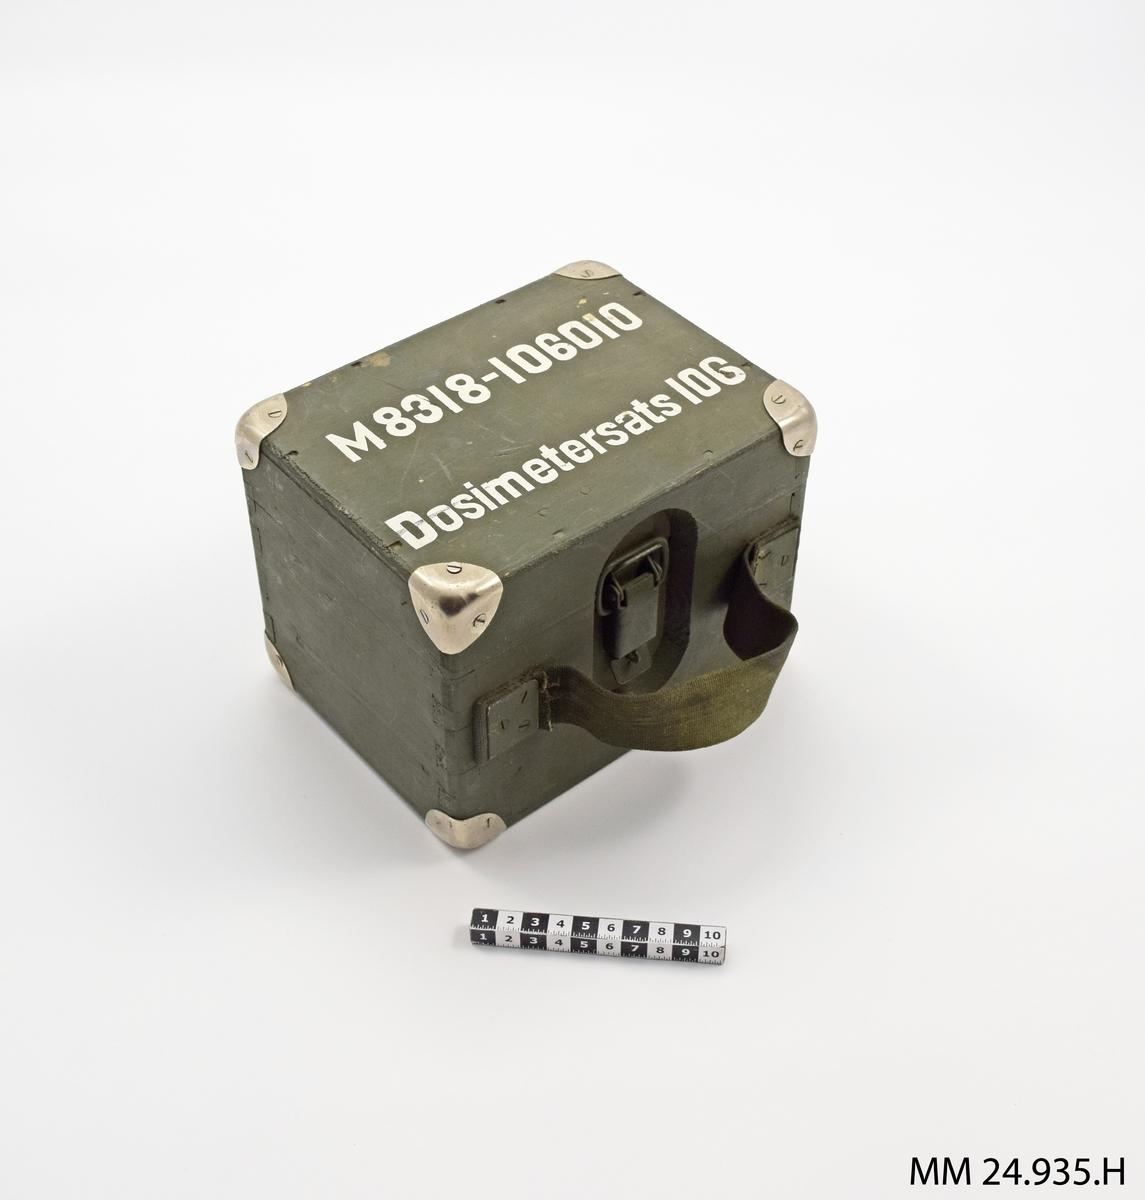 """Grön trälåda med lock och kanter skodda med blank metall. På framsidan spänne för att lås locket samt ett handtag i tyg. Text ovanpå locket:  """"M8318-106010 Dosimetersats 106""""  I lockets insida metallskylt fastskruvad med texten:  """"DOSIMETERSATS 106 Dosimeter 11            st 2 Dosimeter 21            st 2 Dosimeterladdare    st 1 801 eller 802""""  I lådan ställningar med borrade hål för dosimetrarna och plats jämte för dosimeterladdaren."""